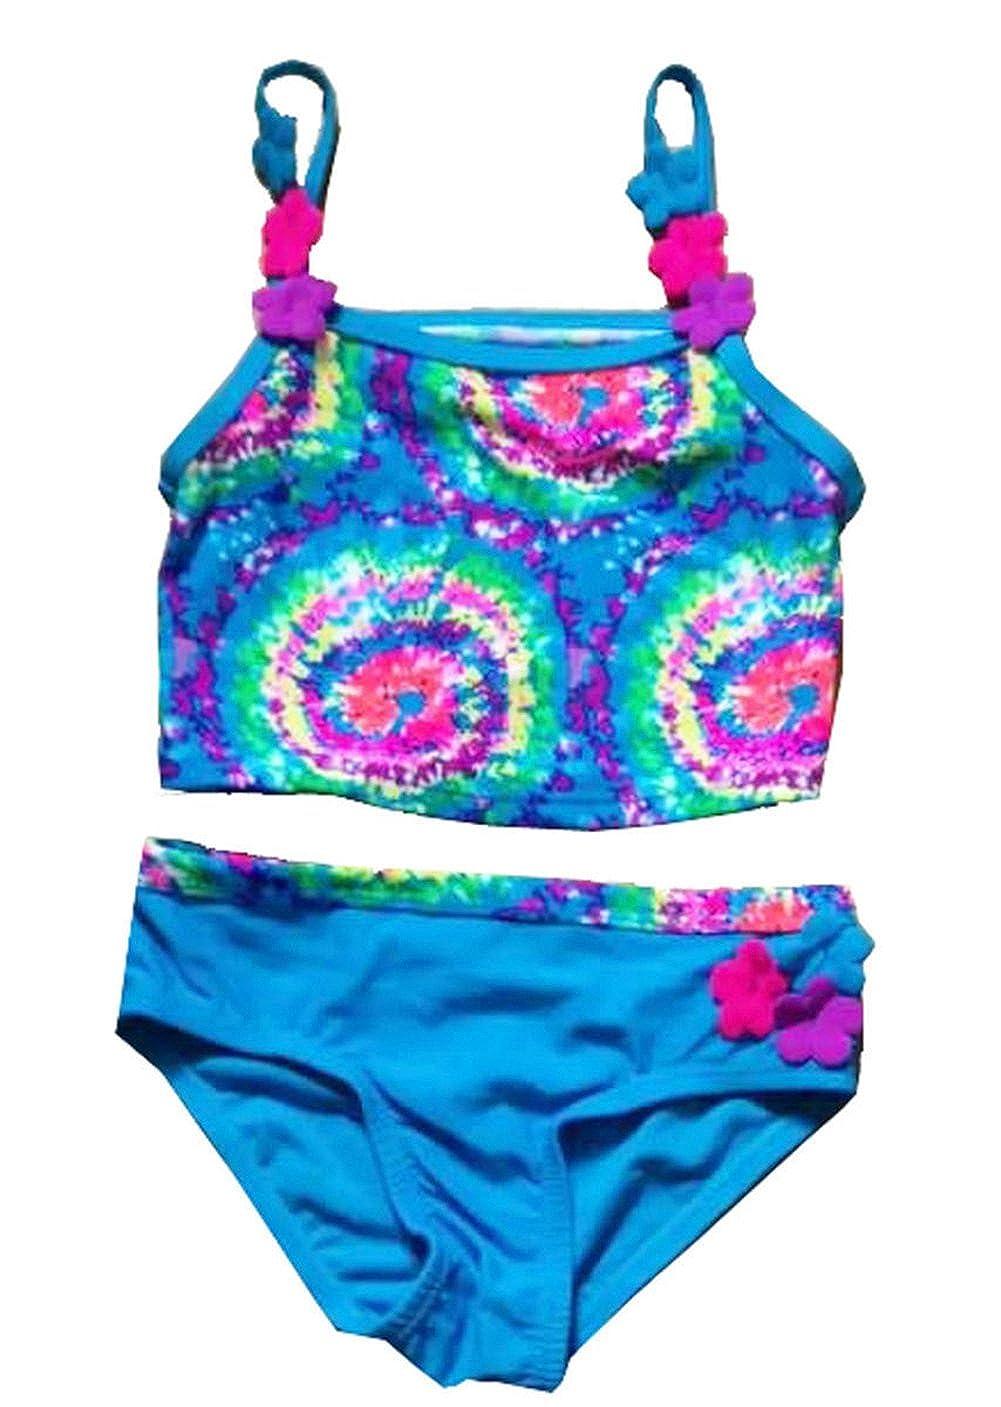 Fashion kidswear - Costume a due pezzi - Bebè femminuccia